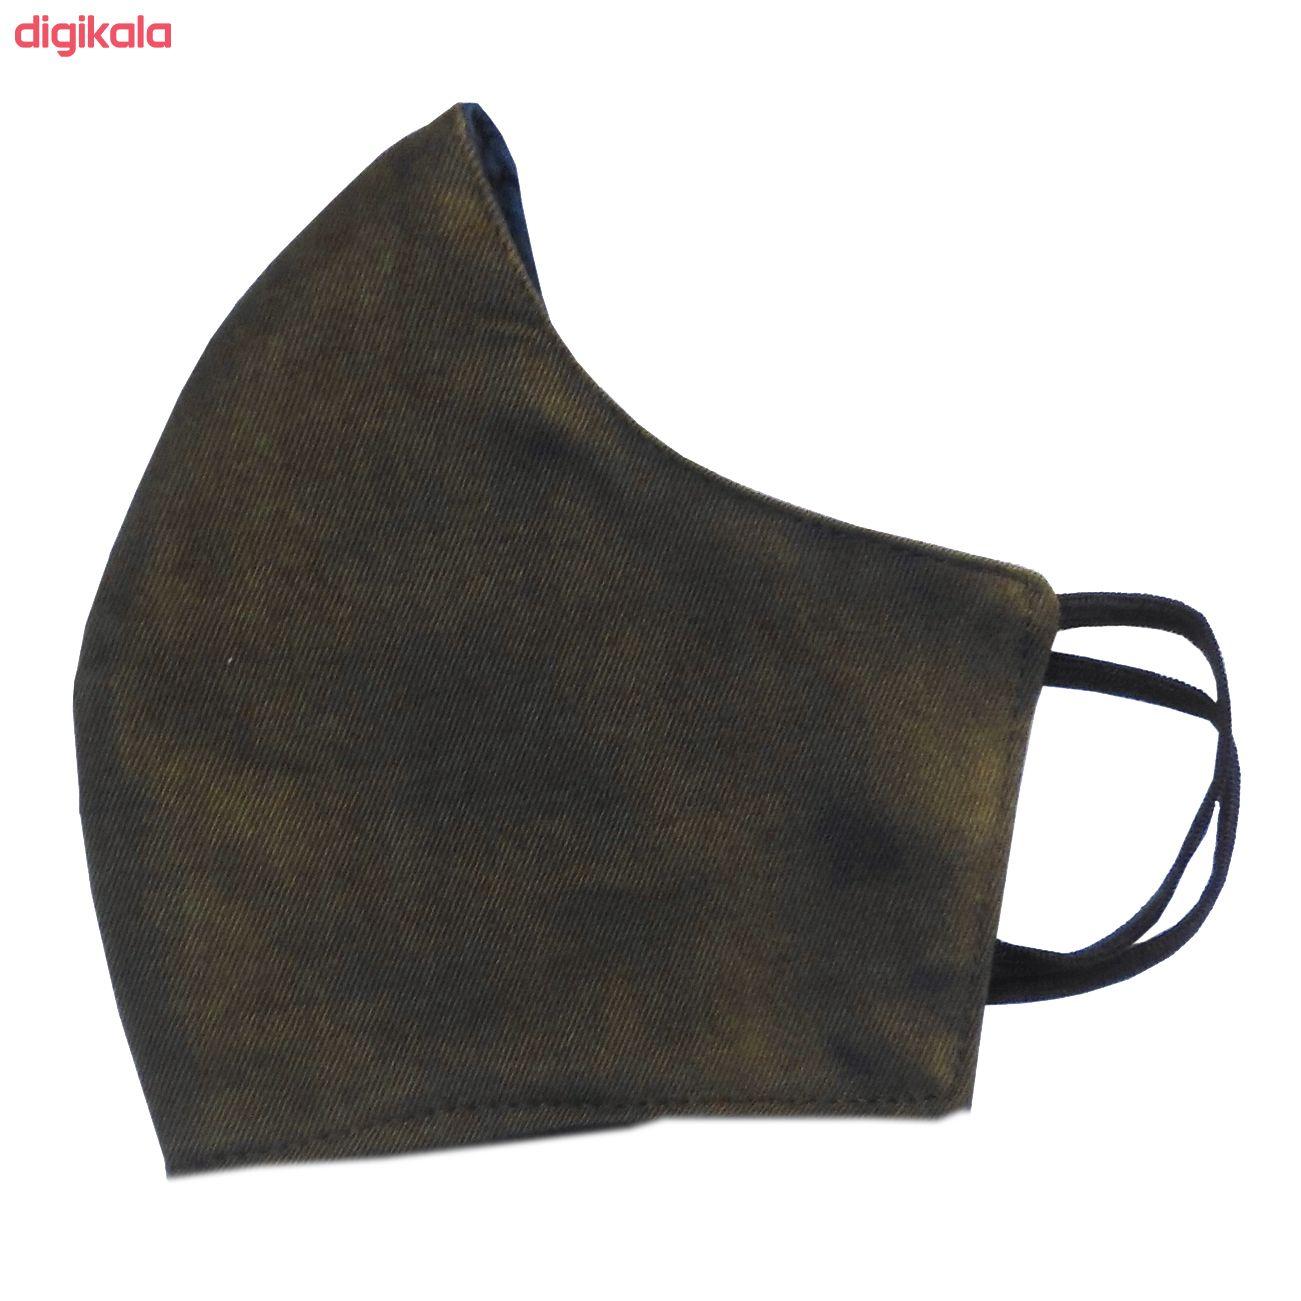 ماسک پارچه ای مدل سایه کد 06 main 1 5